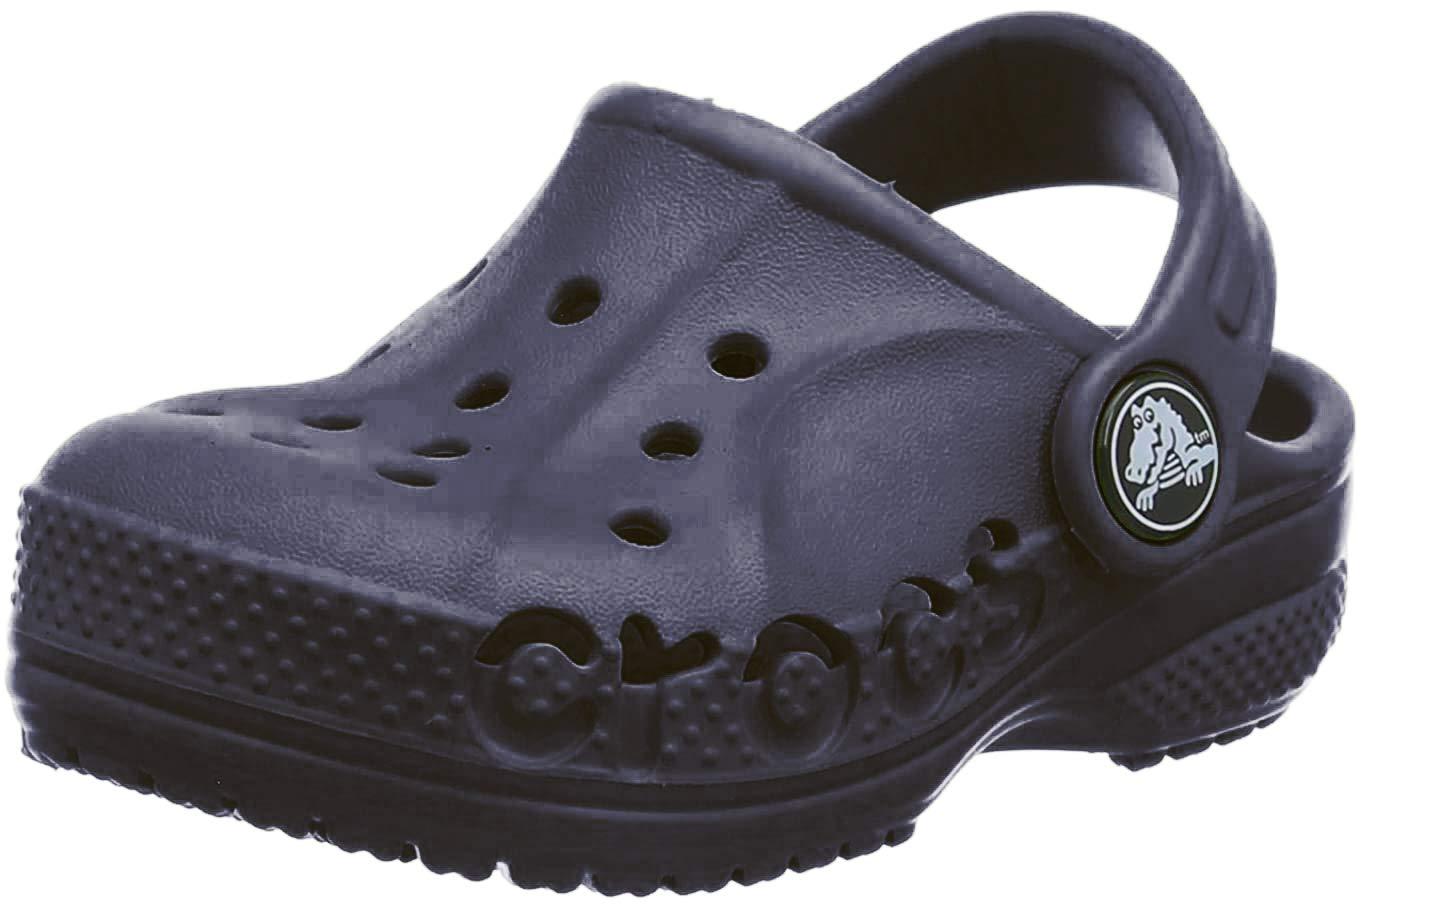 Crocs Kids' Baya Clog  Comfortable Slip On Water Shoe for Toddlers, Boys, Girls, Navy, 4 M US Toddler